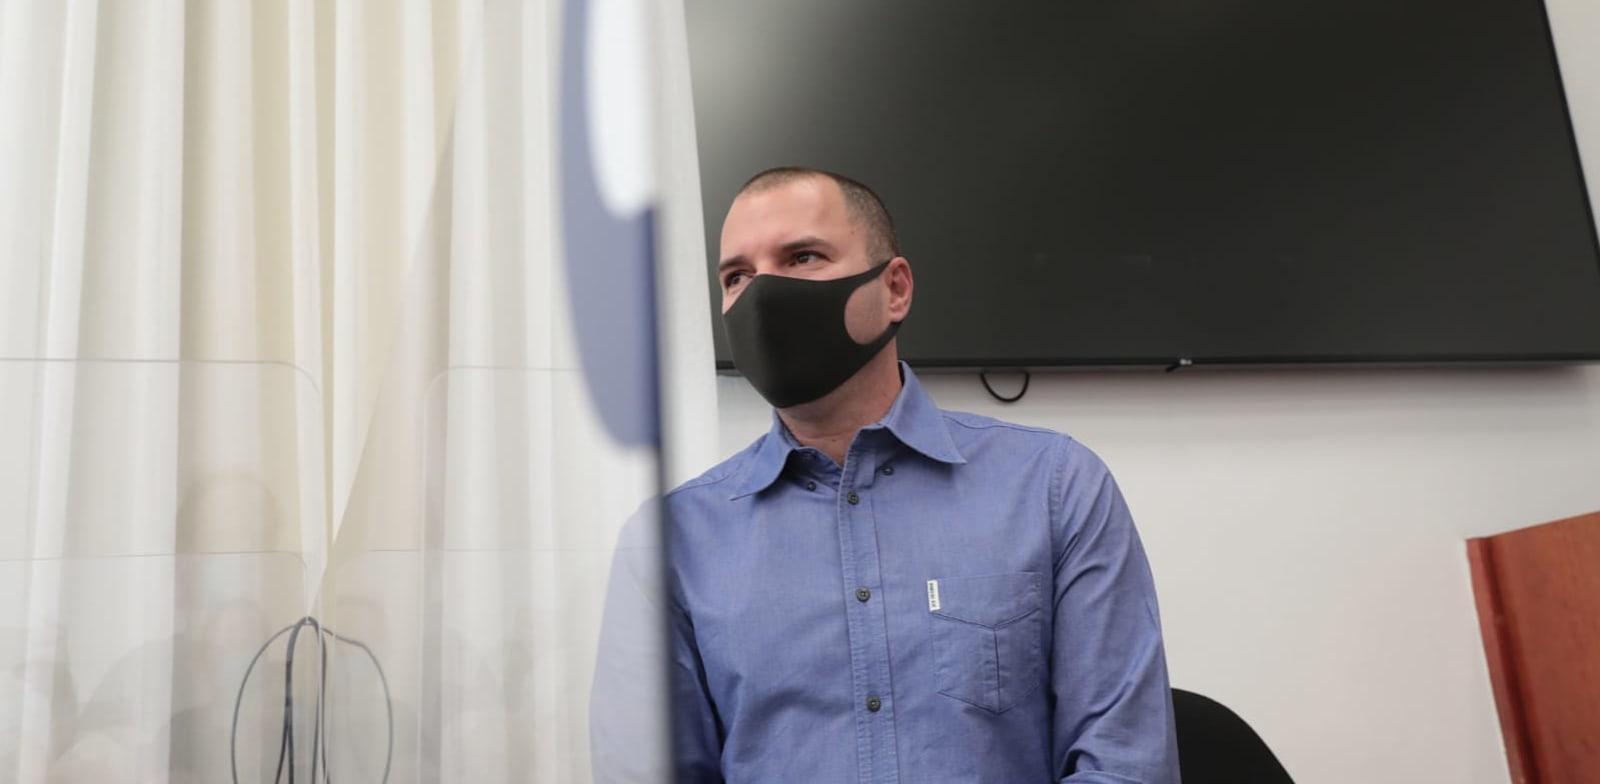 אבירם אלעד מעיד במשפט נתניהו / צילום: יוסי זמיר